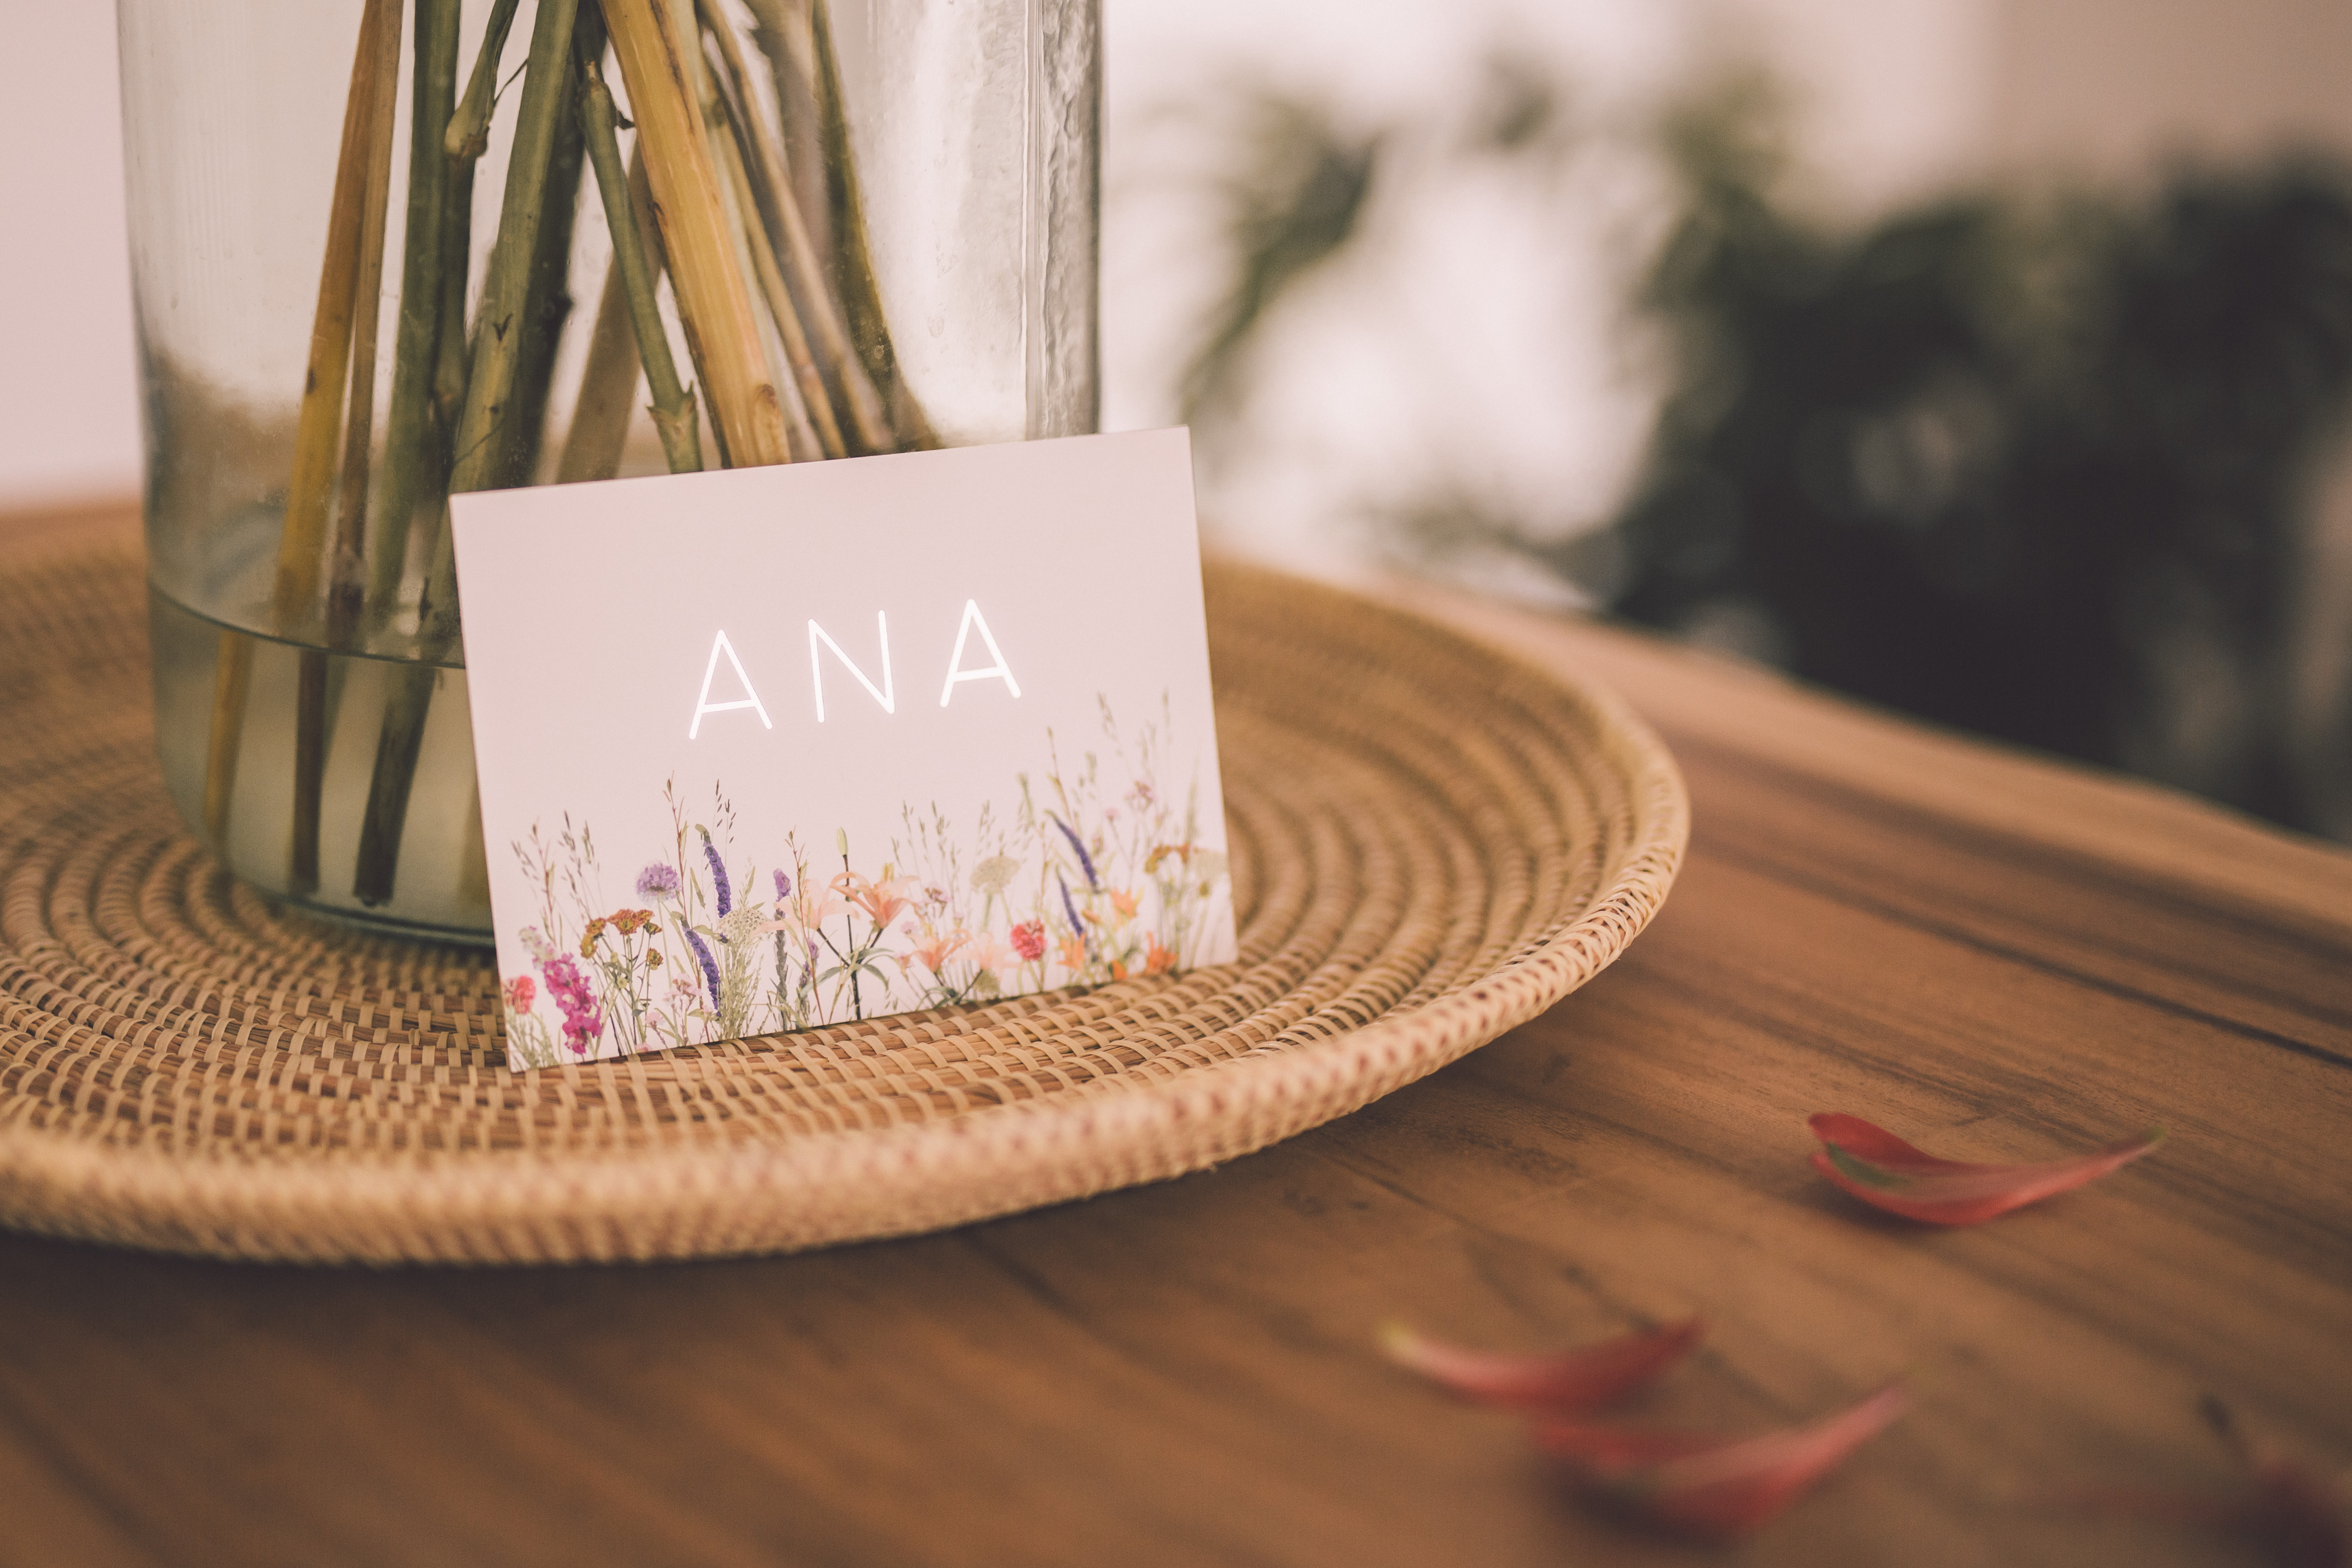 ANA-7164